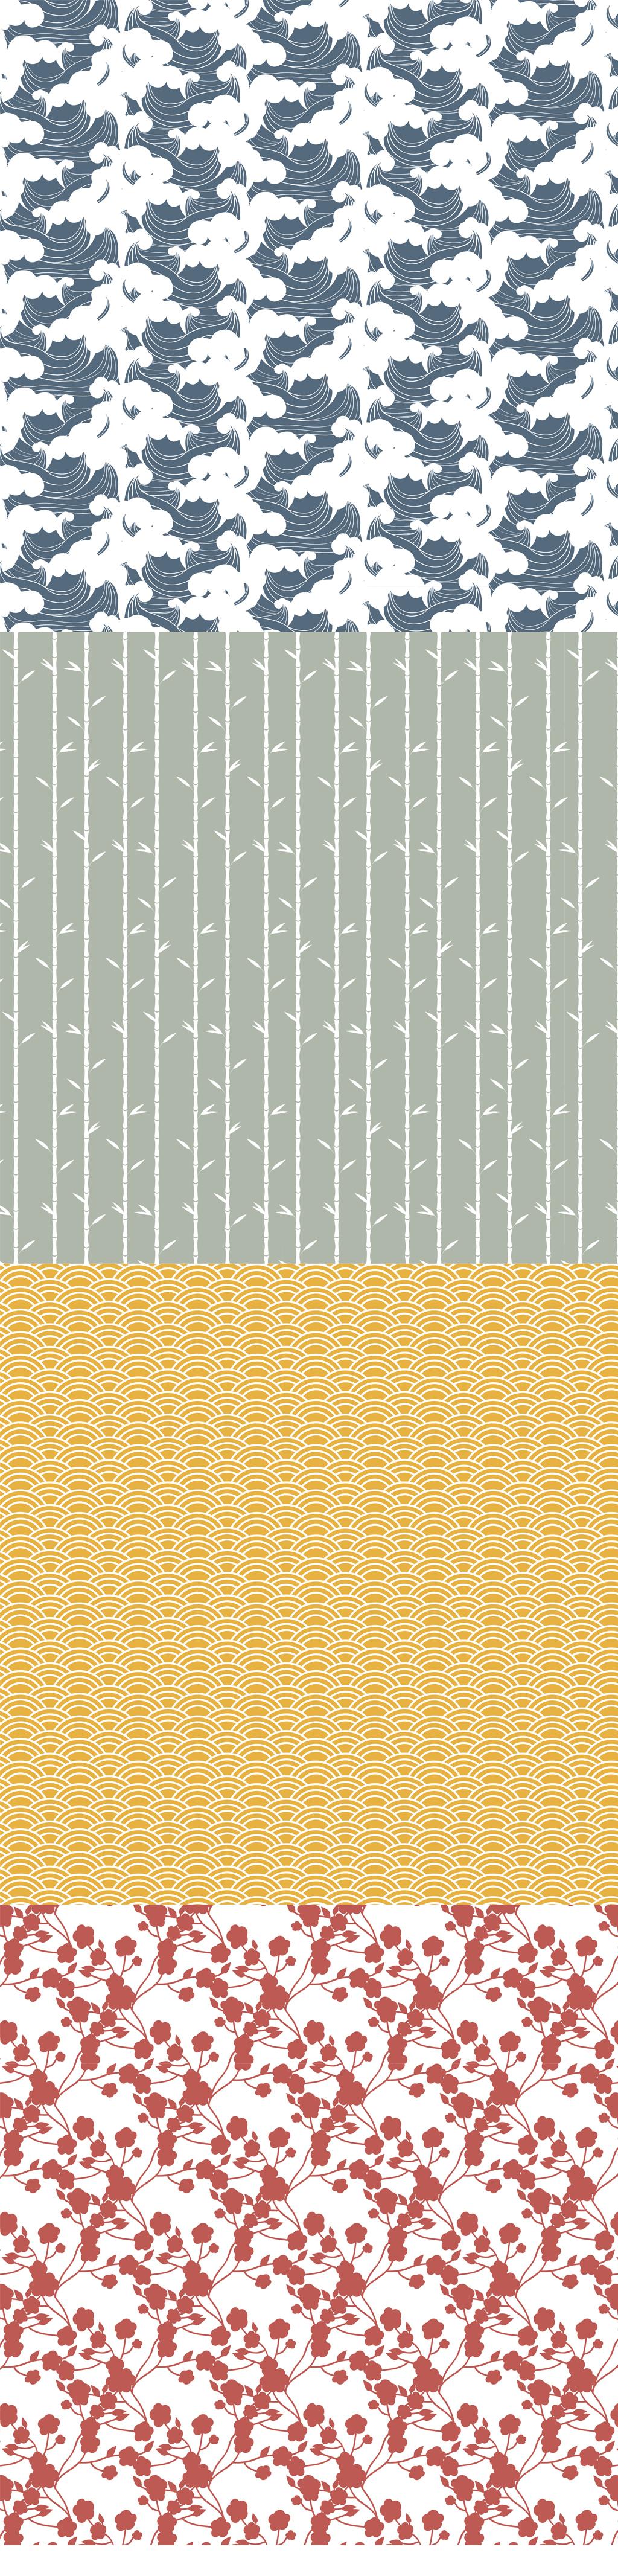 手绘中国风背景图案底纹波浪底纹祥云.图片设计素材